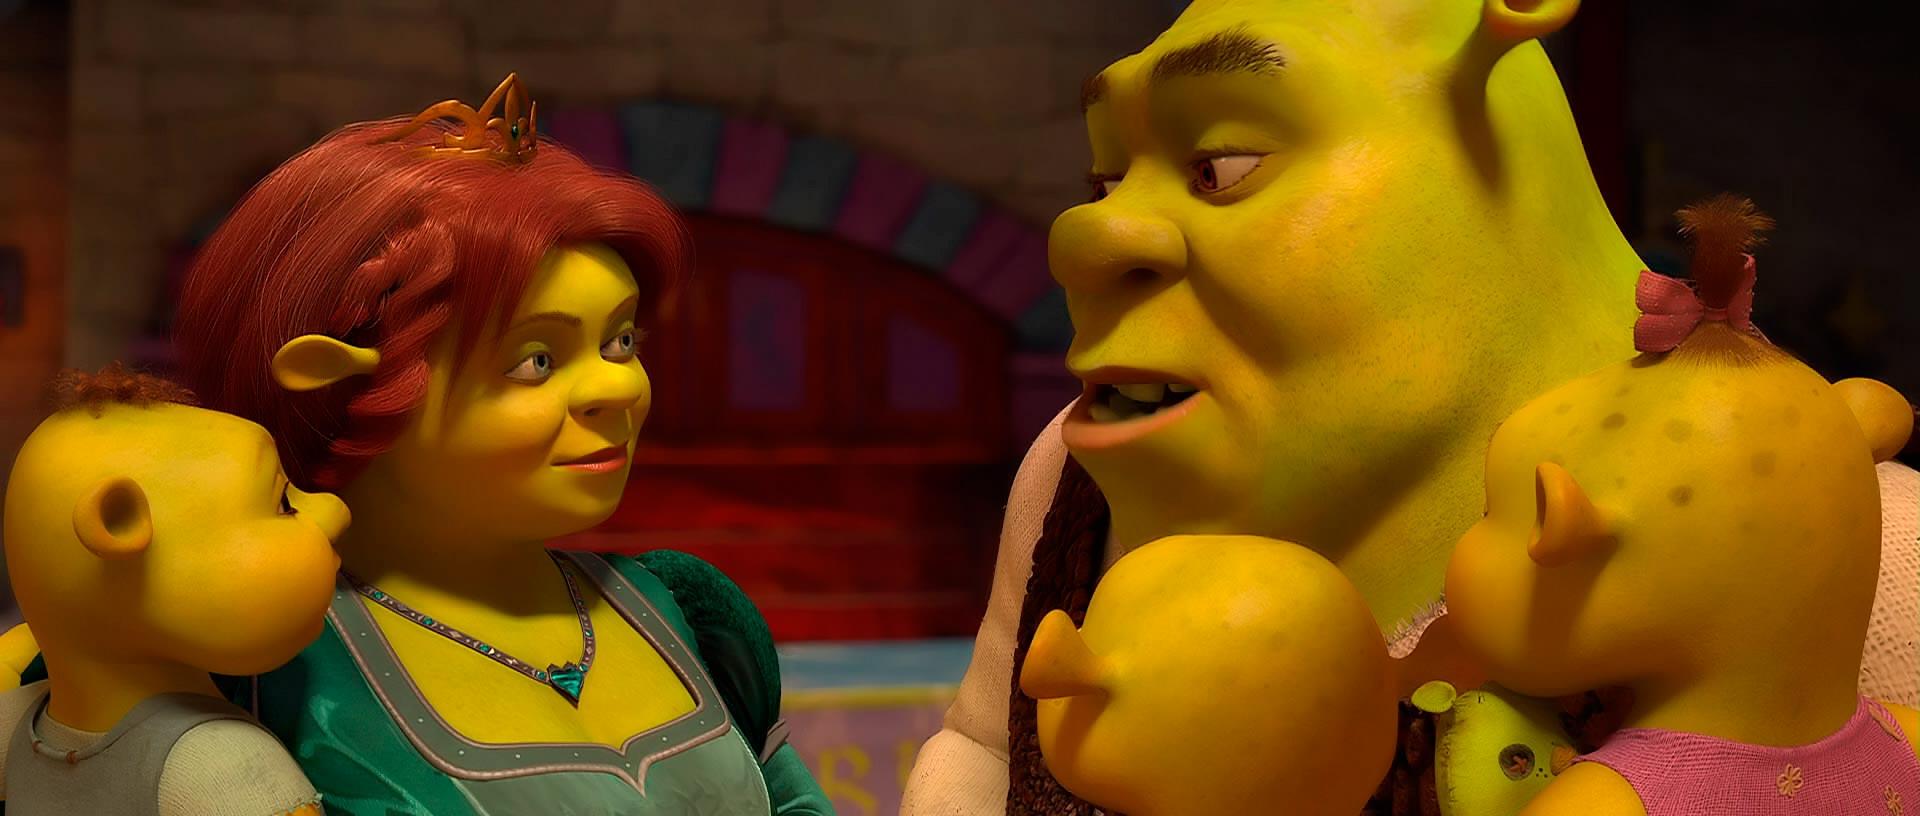 Shrek_8.jpg